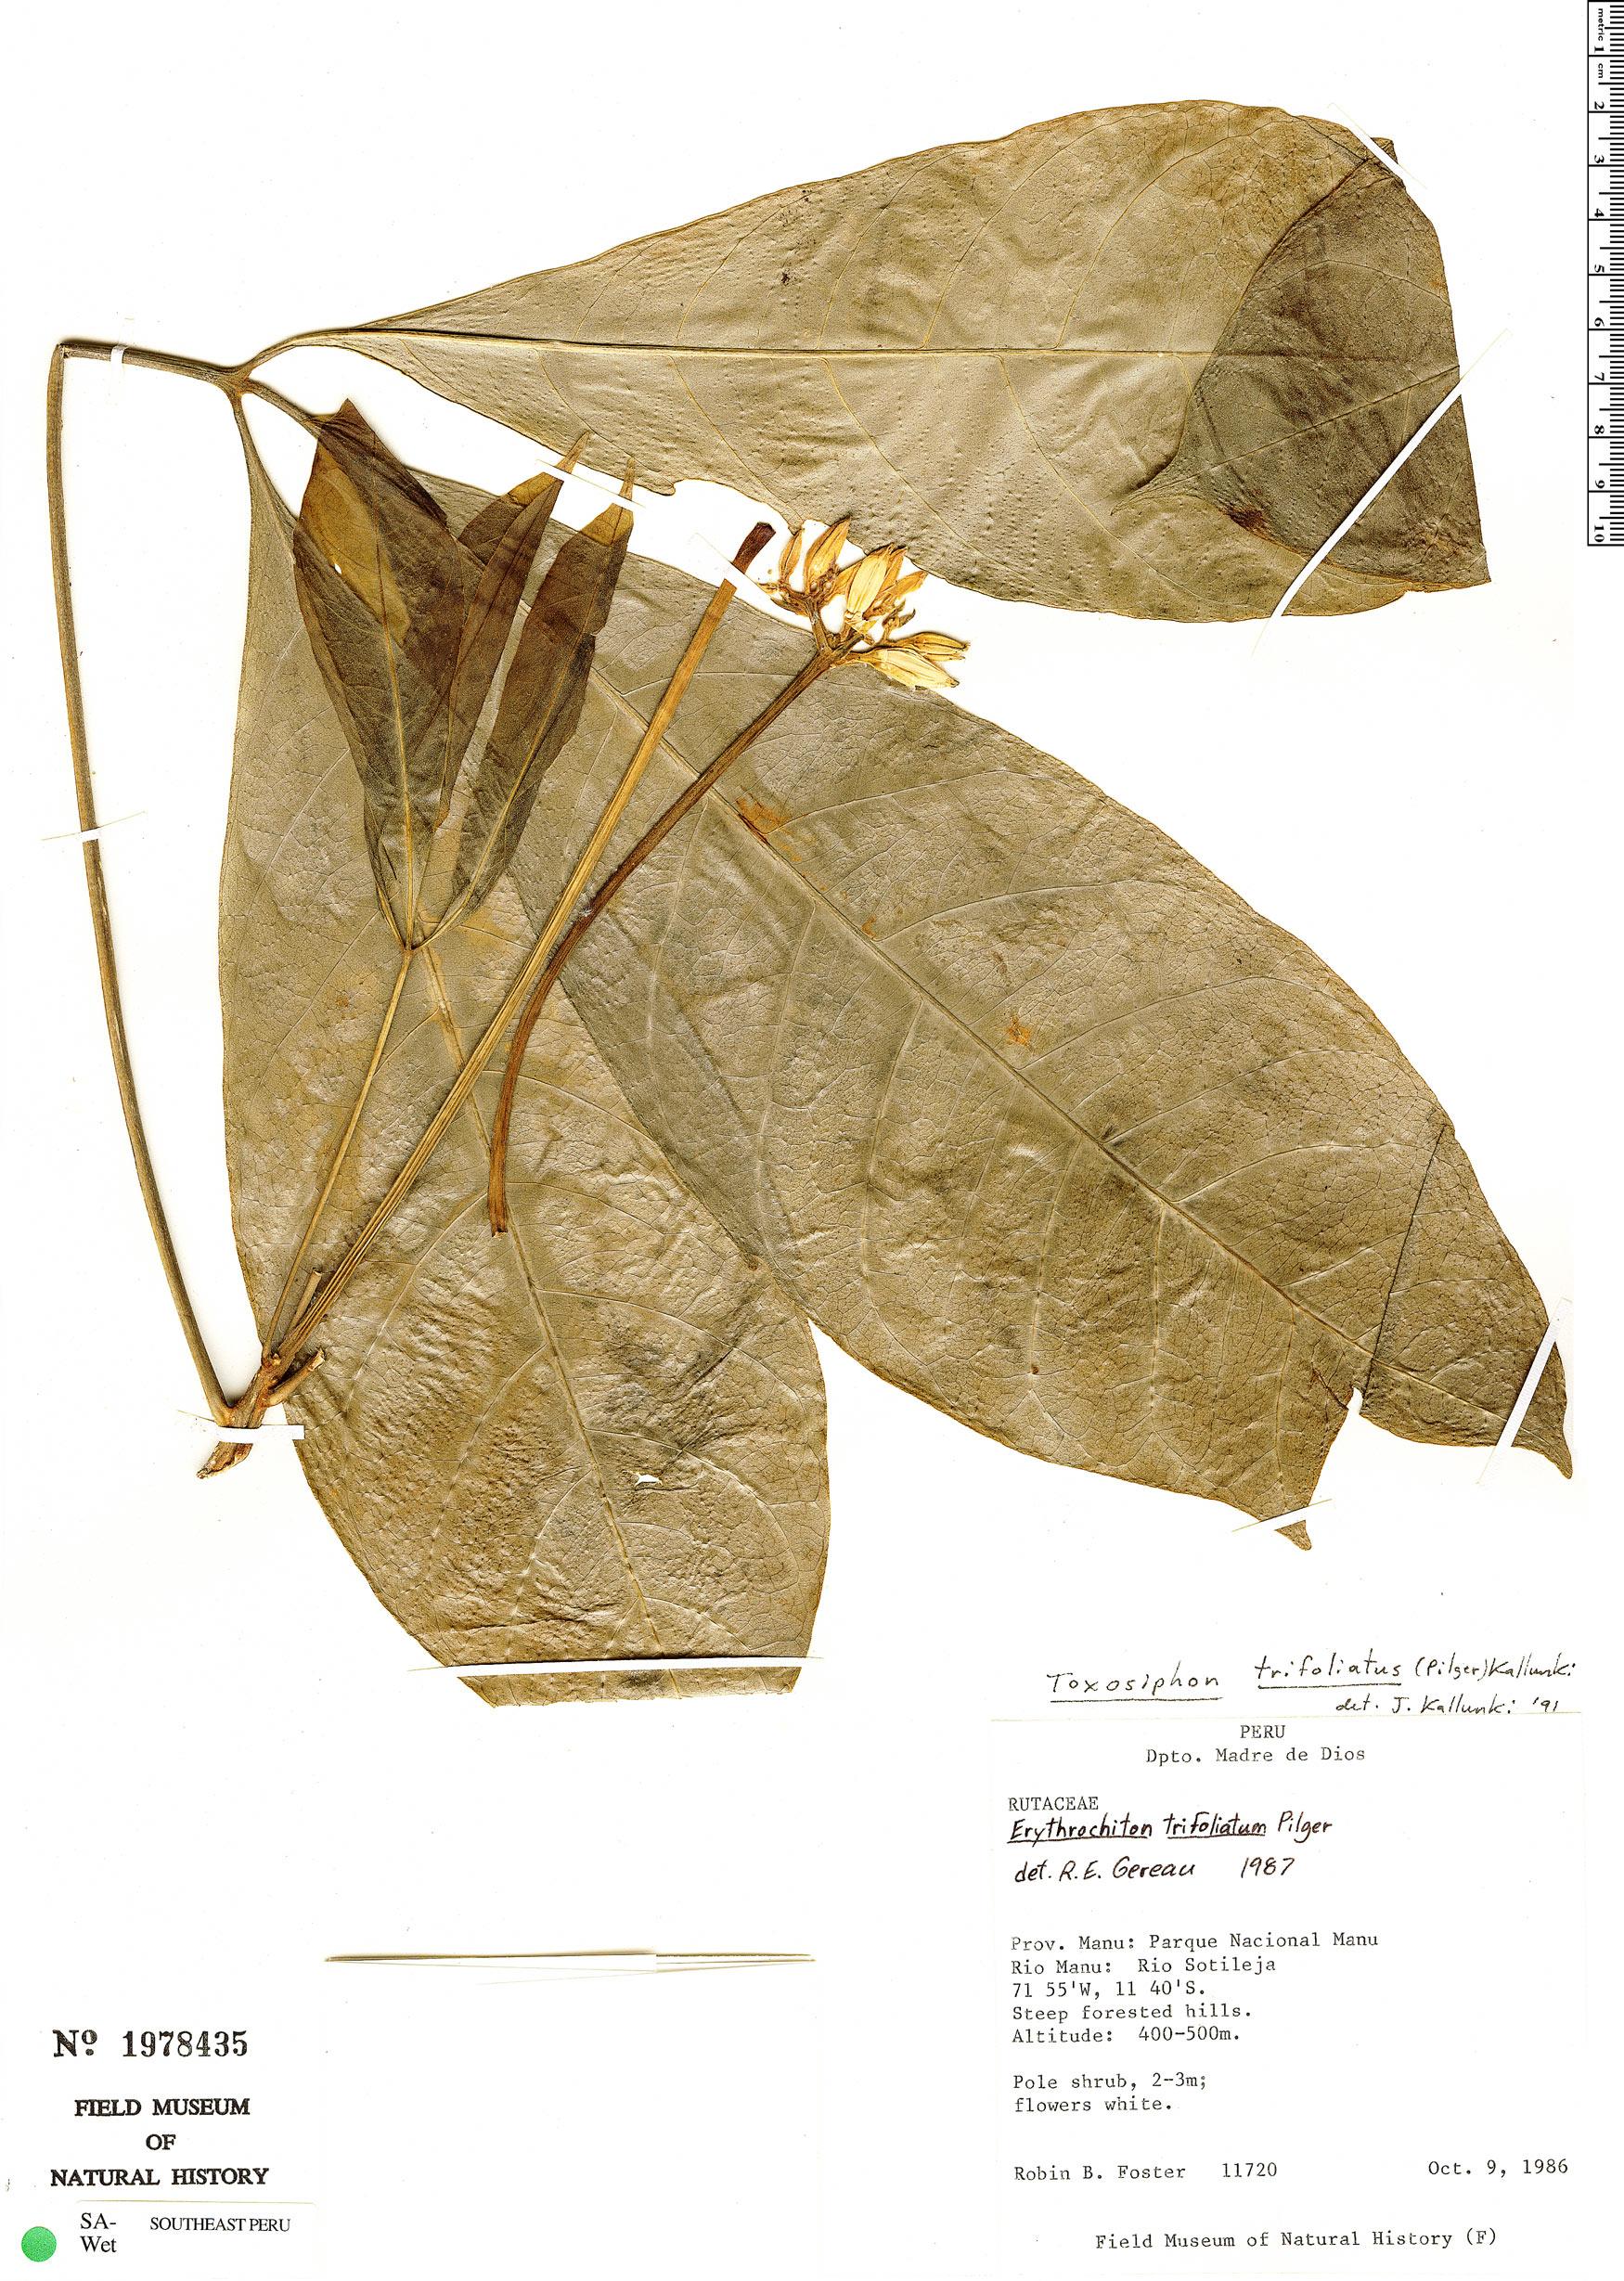 Specimen: Toxosiphon trifoliatus